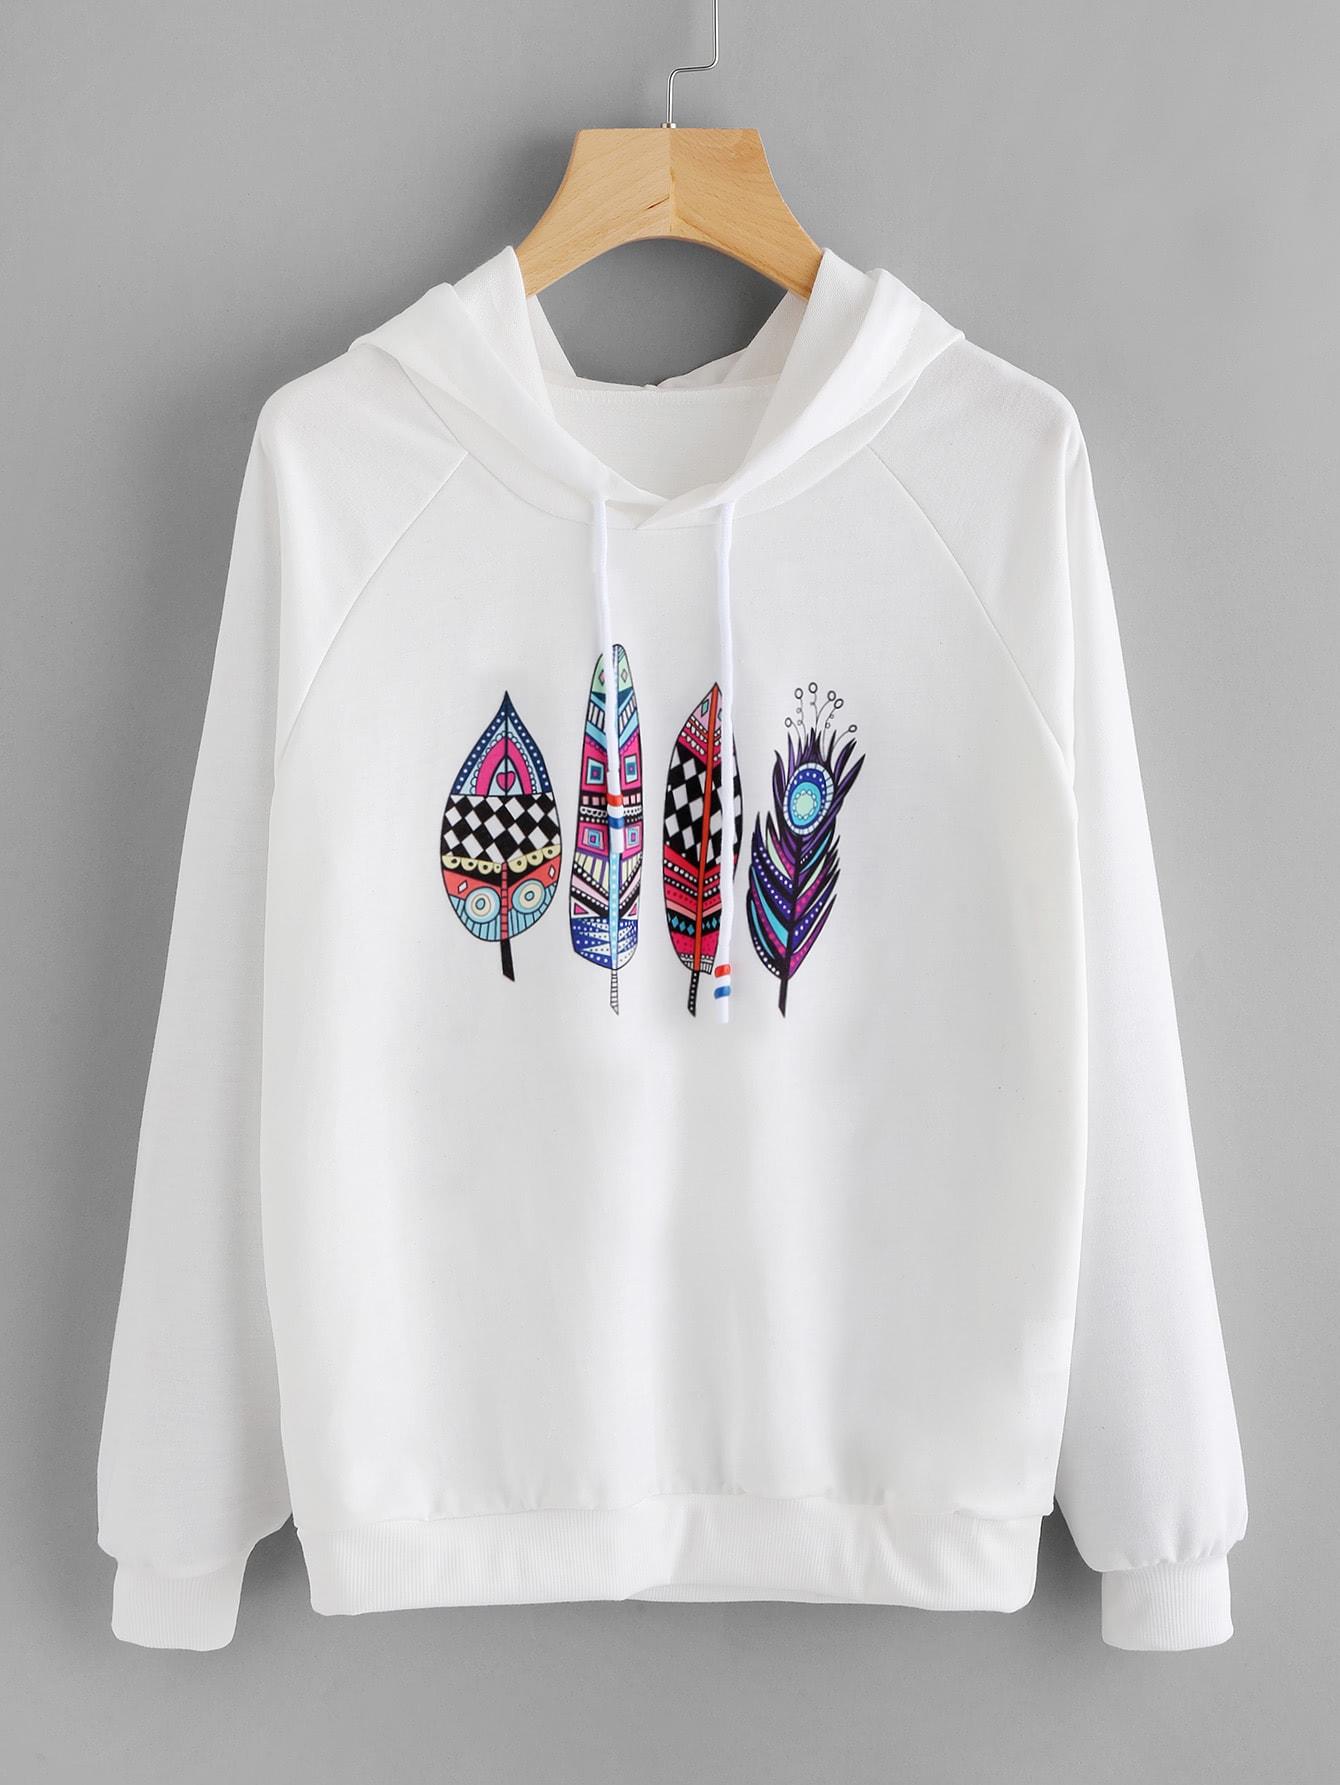 Aztec Feather Print Raglan Sleeve Hoodie feather printed raglan sleeve tee